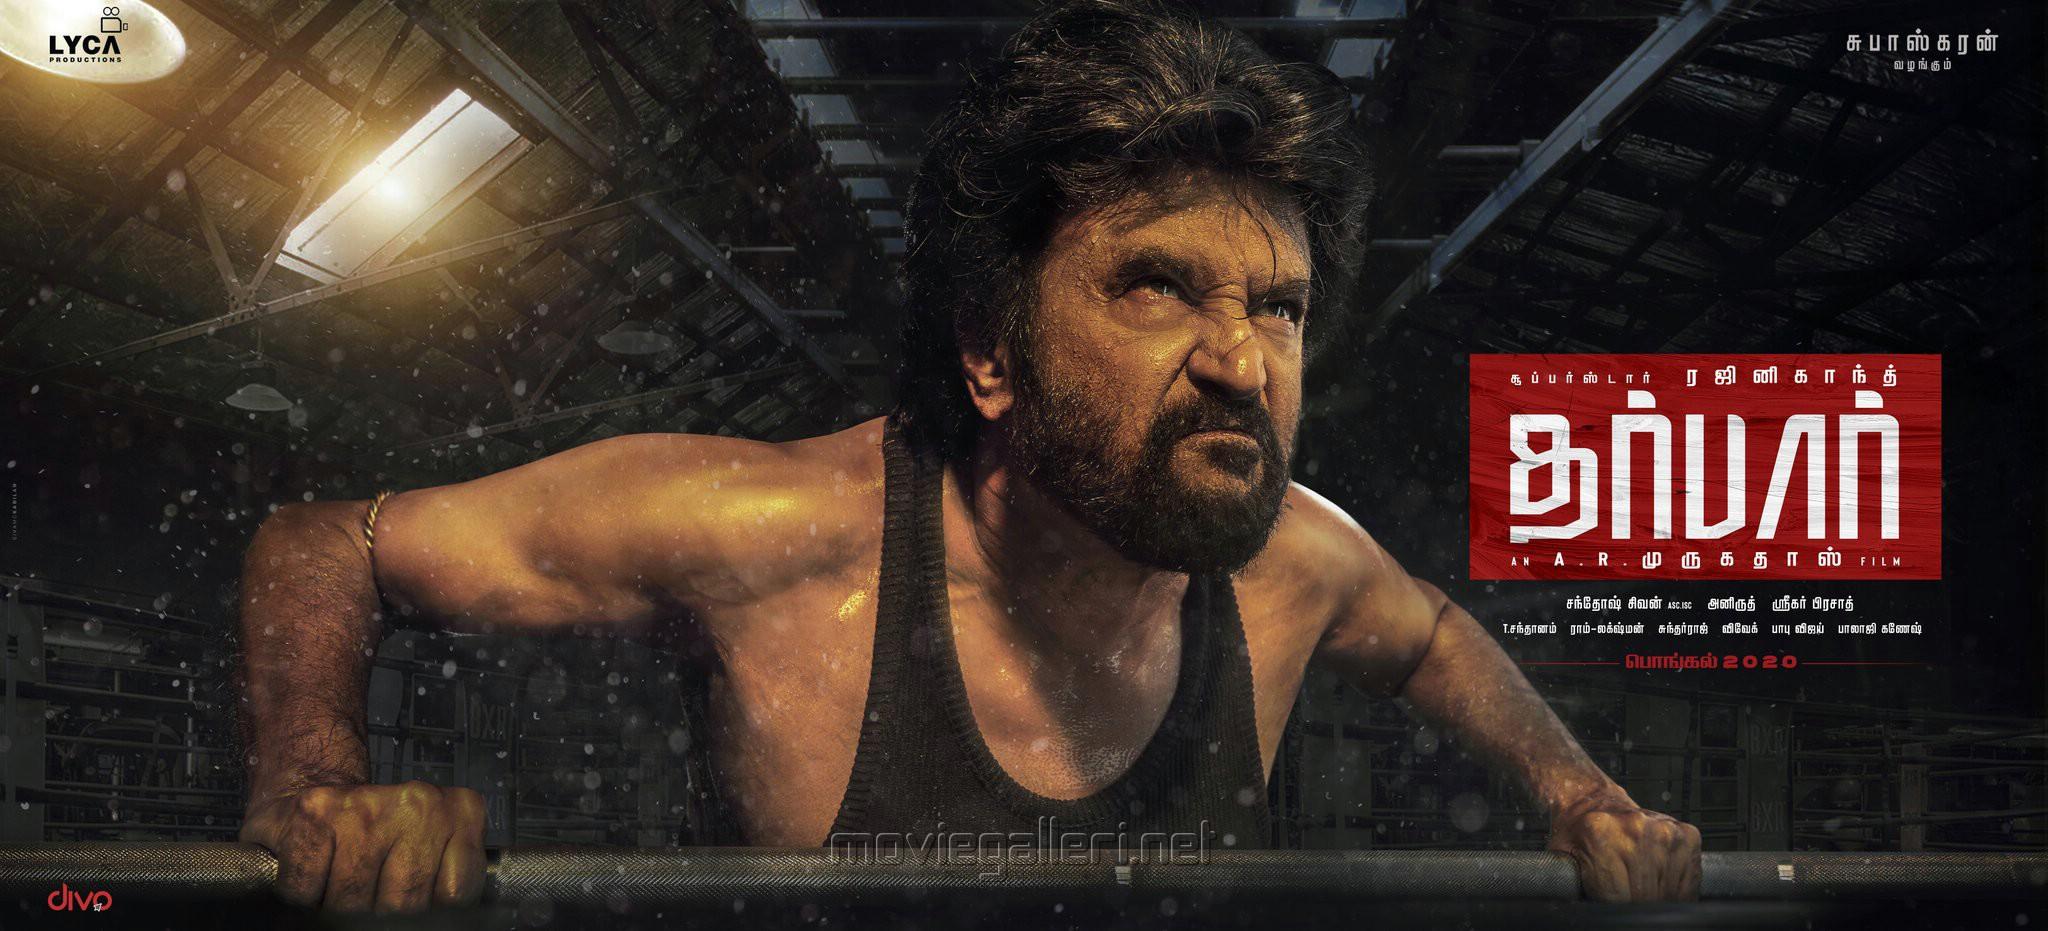 Rajinikanth Darbar Second Look Poster HD